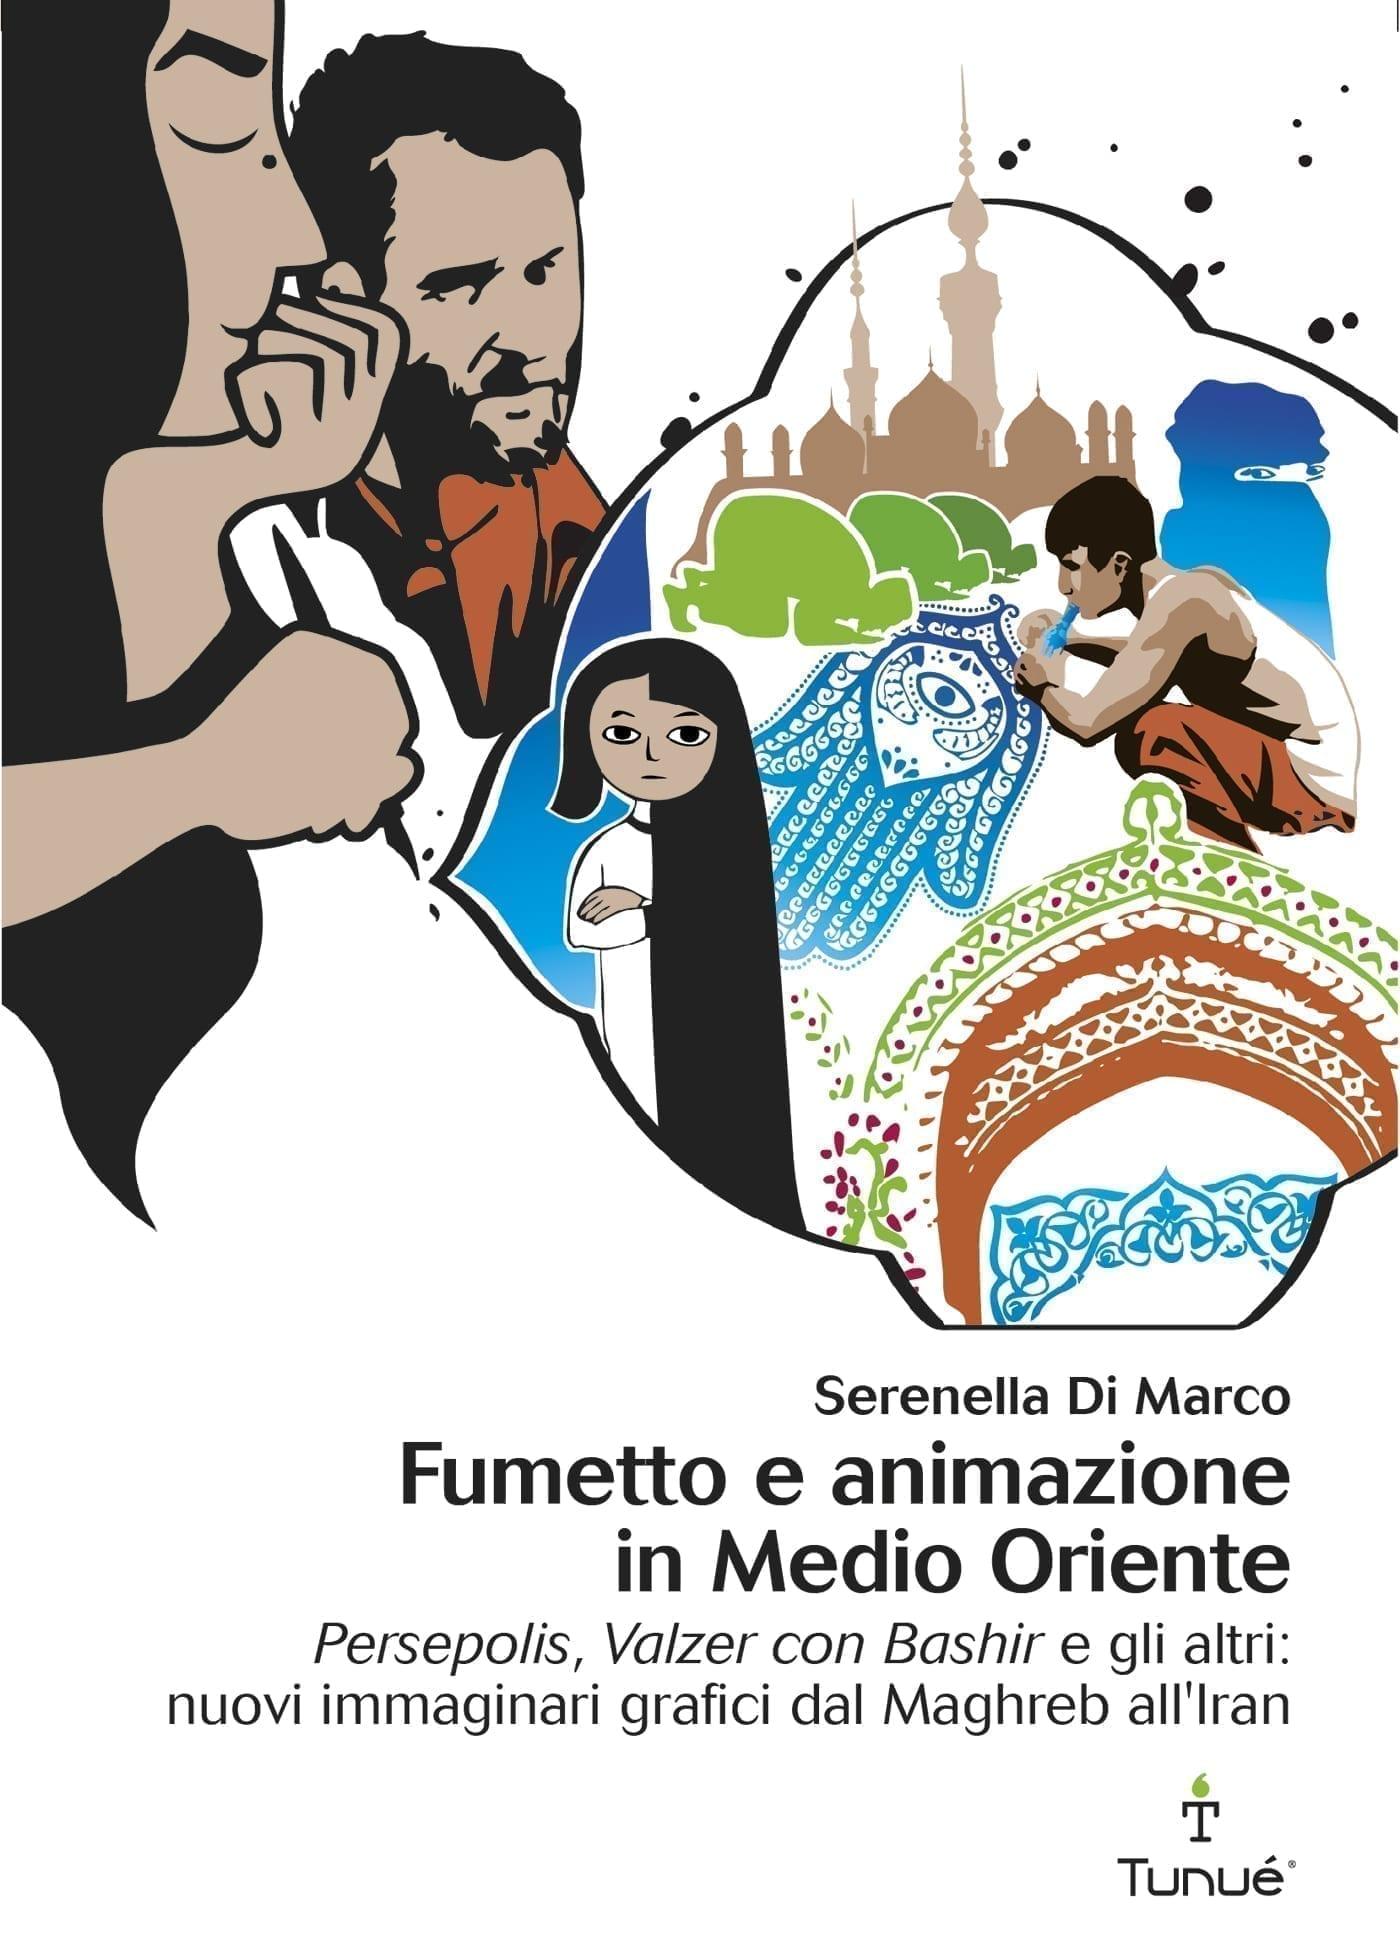 Lapilli_26_Fumetto e animazione in Medio Oriente_978-88-97165-16-3